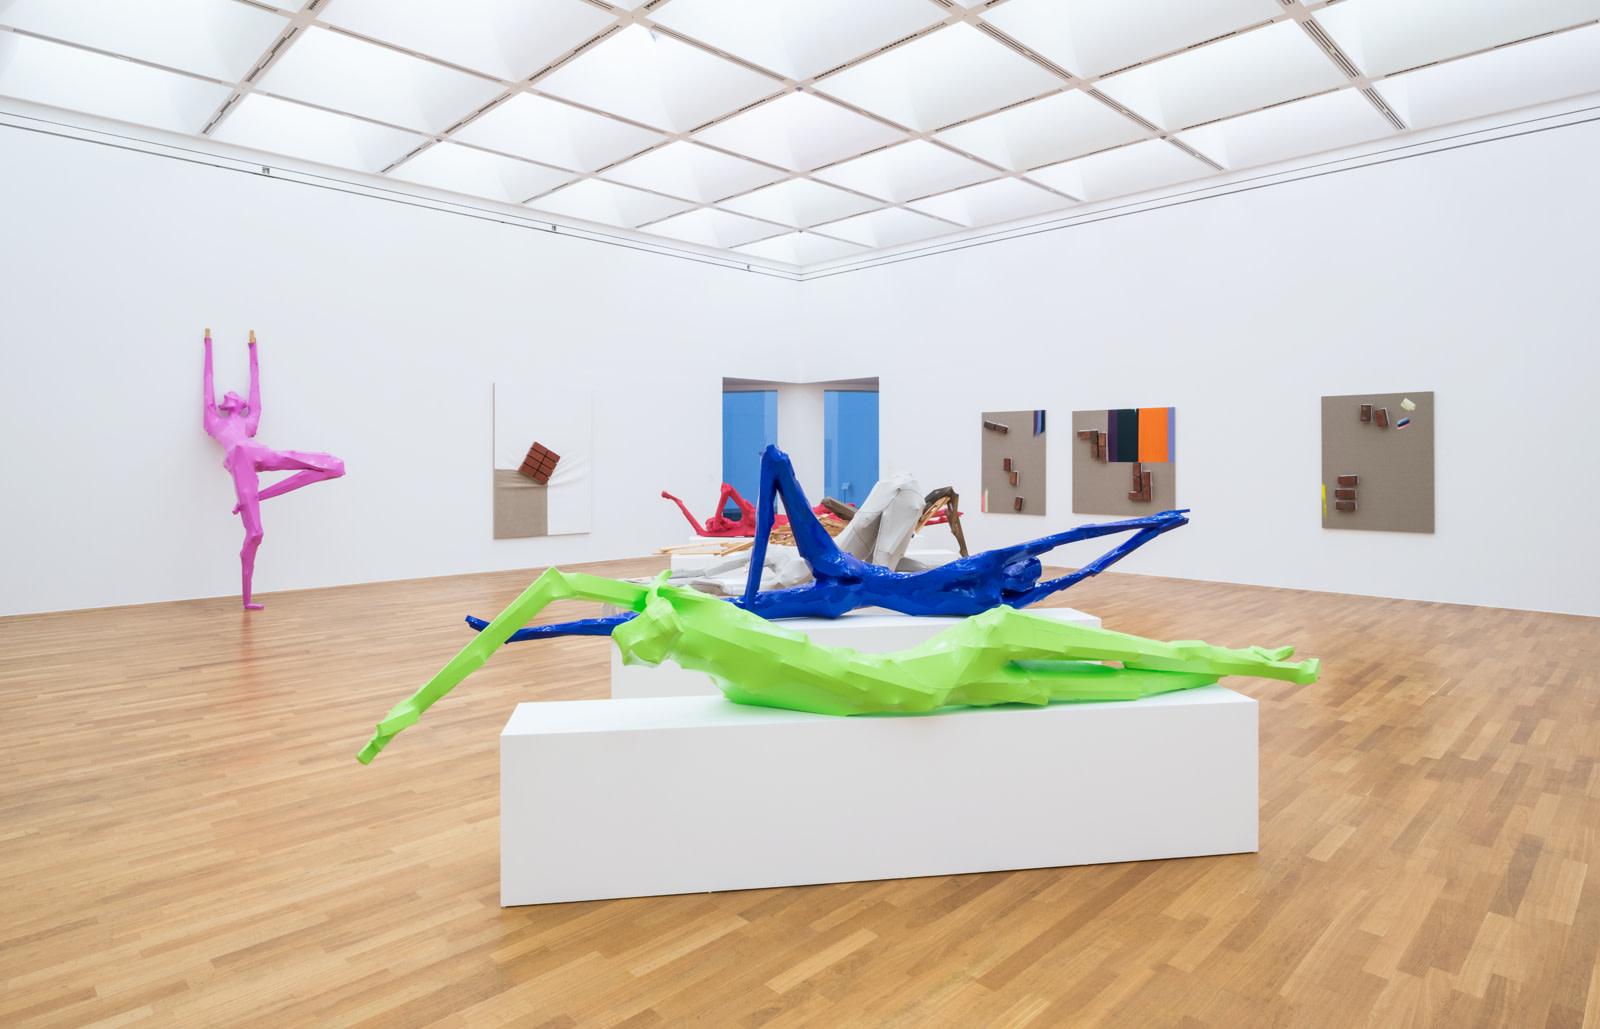 <p>Installation view, Kunstmuseum Bonn, 21 September 2017 – 07January 2018</p>